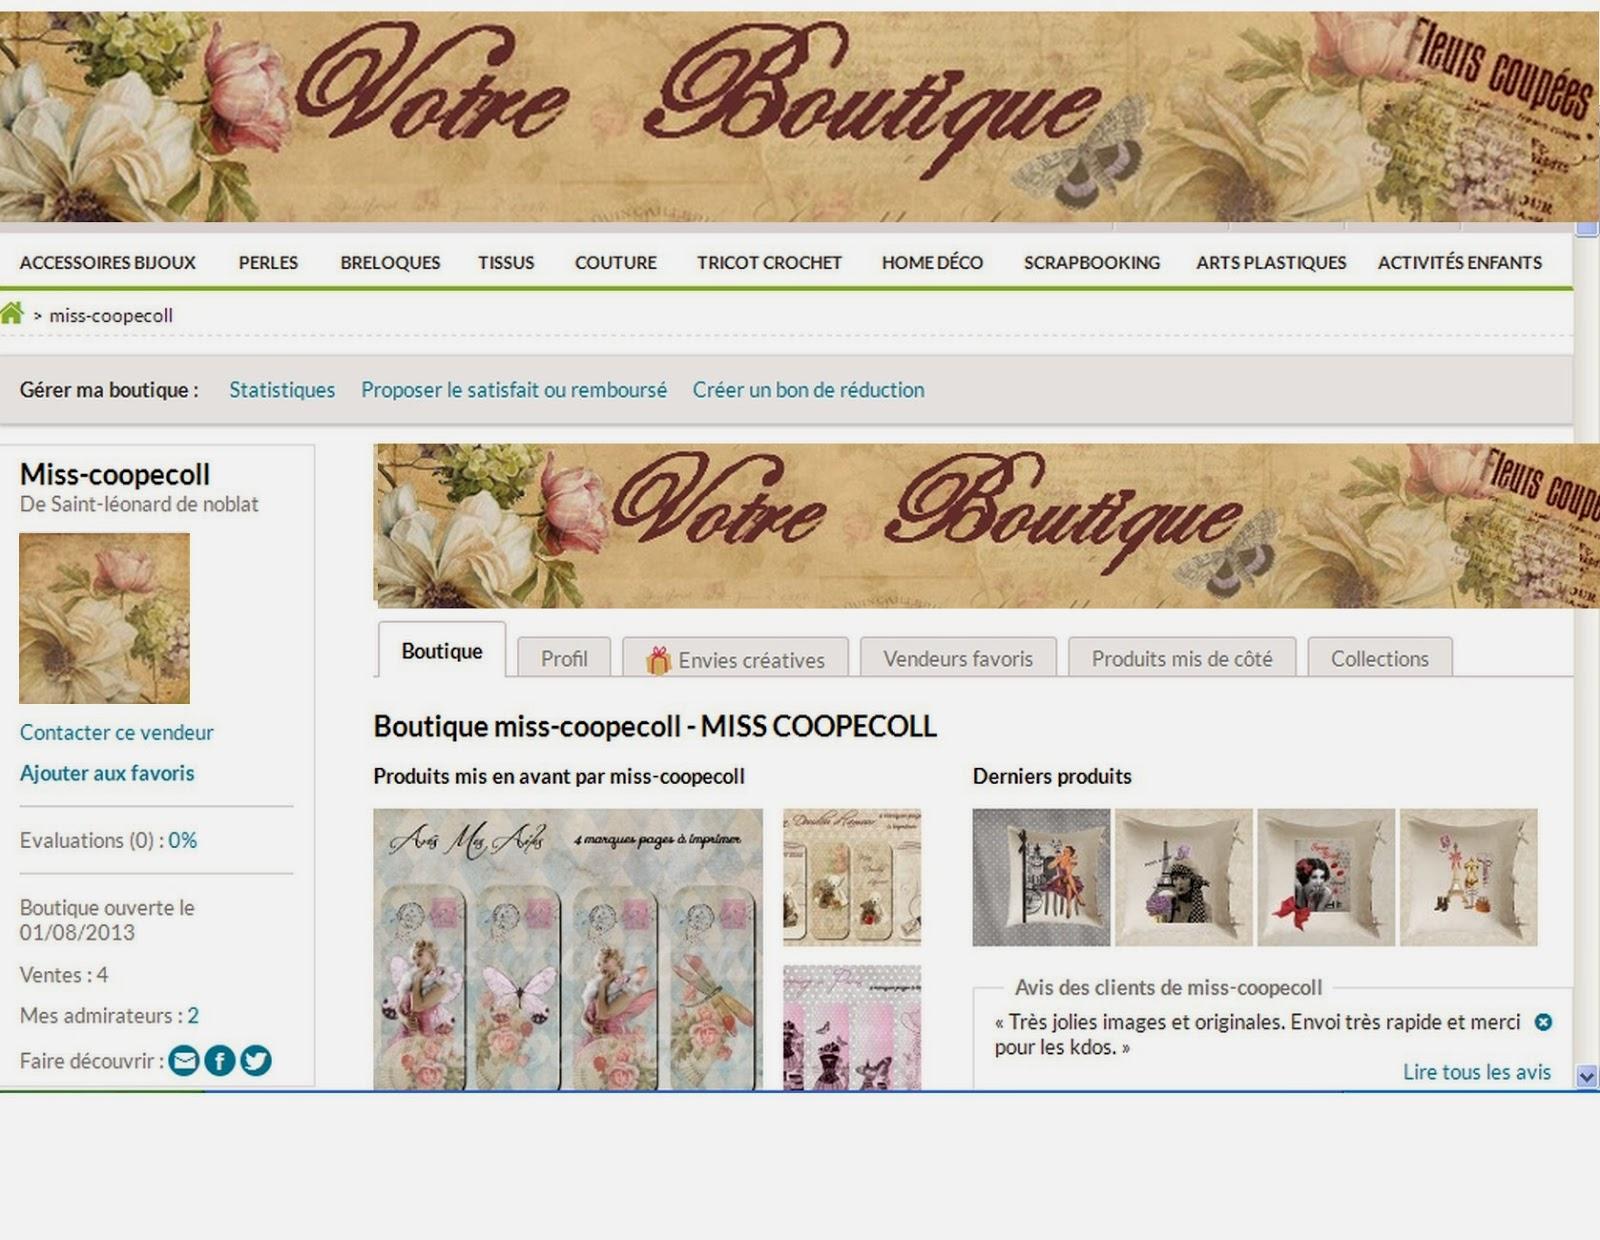 http://www.alittlemarket.com/loisirs-creatifs-scrapbooking/banniere_avatar_pour_votre_boutique_alm_fleurs_coupees_-6914951.html